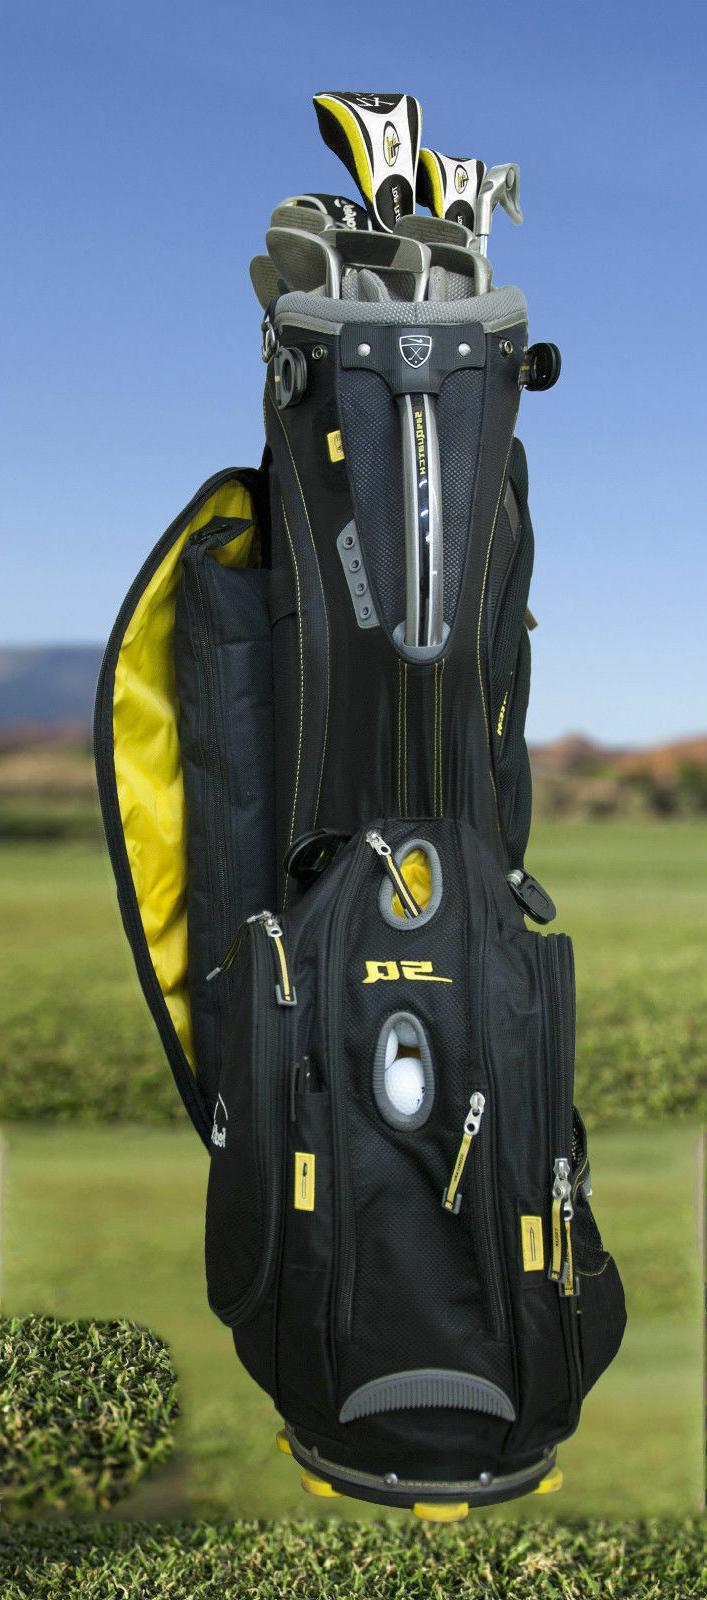 Smuggler Golf Bag Soft Sided Drink Cooler Holds 6 cans